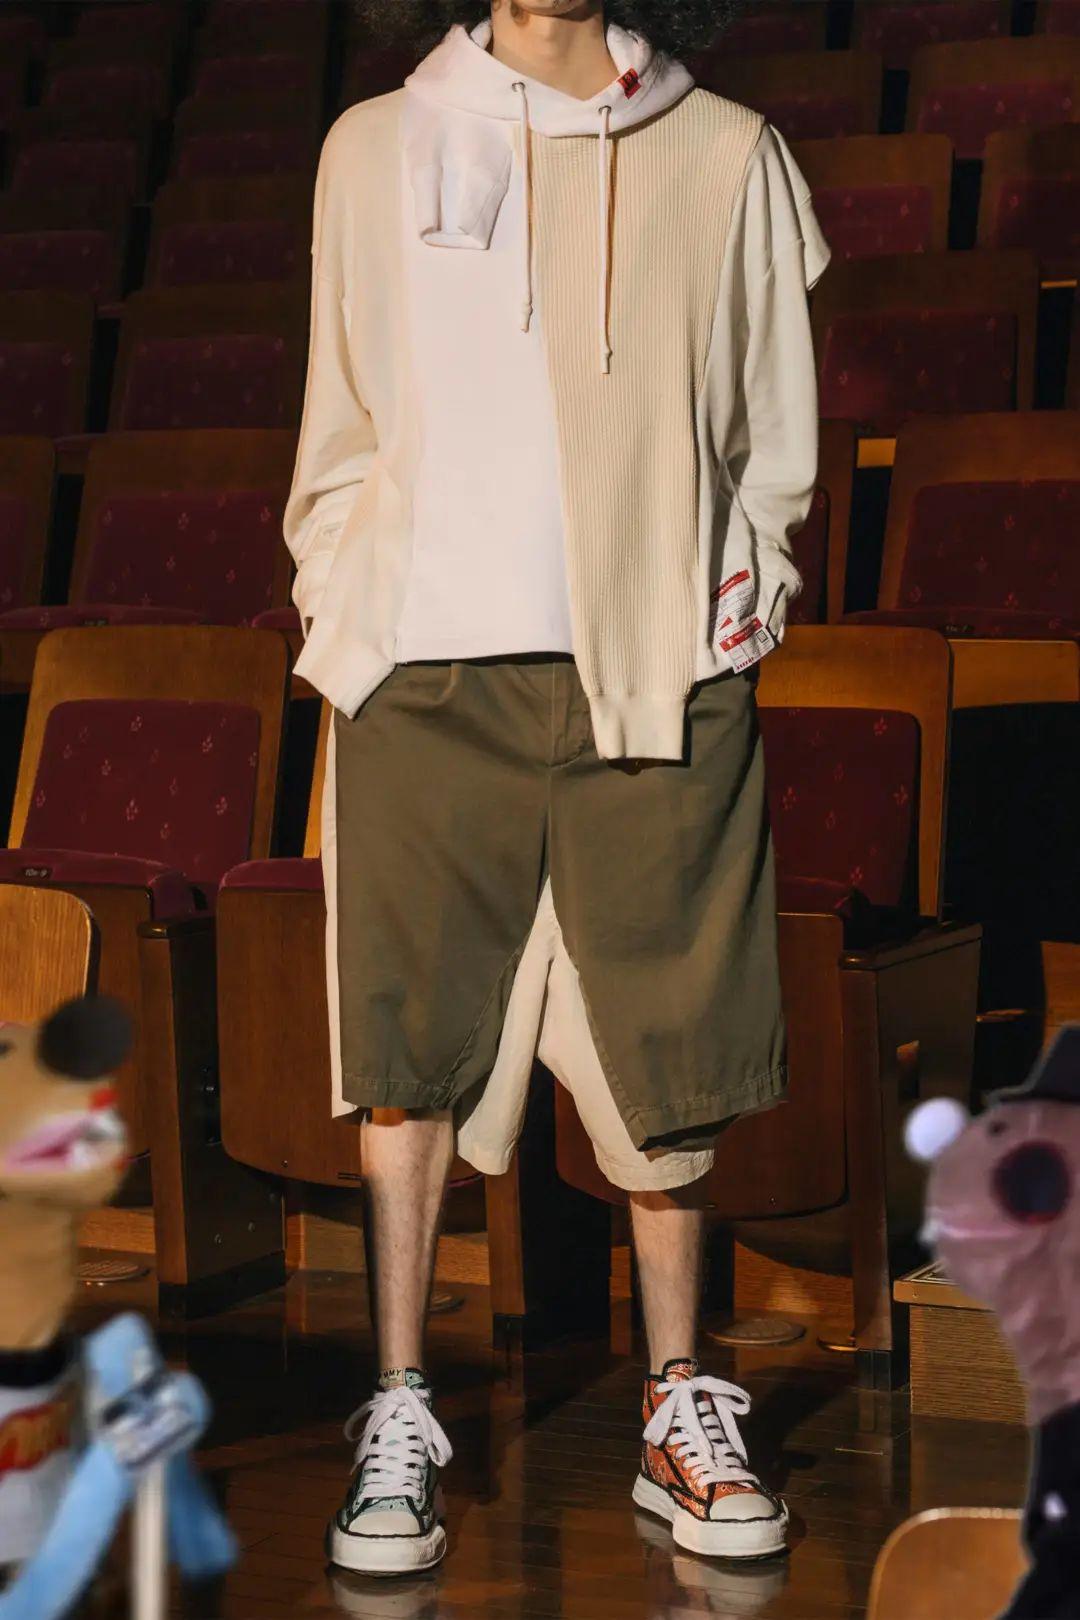 趋势 | 2021春夏男装流行时尚单品